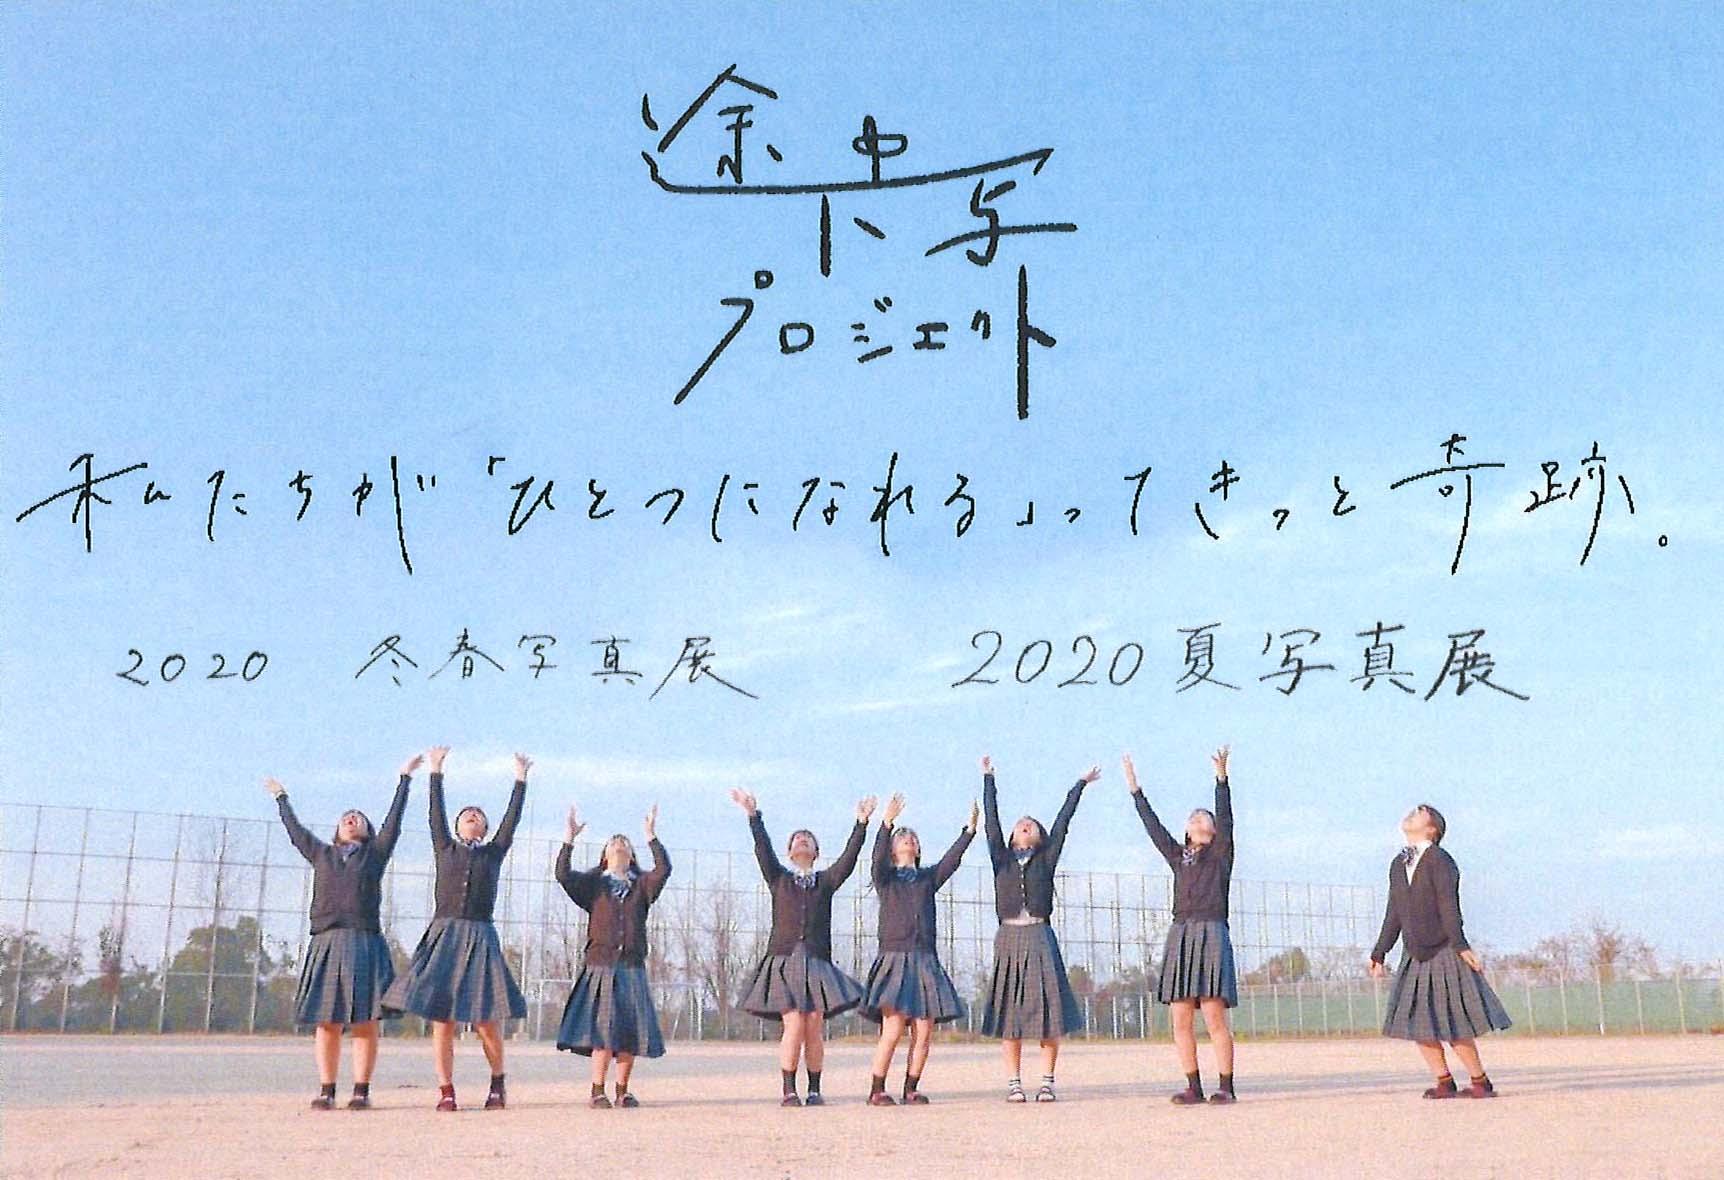 「途中下写」プロジェクト2020.冬春写真展・夏写真展